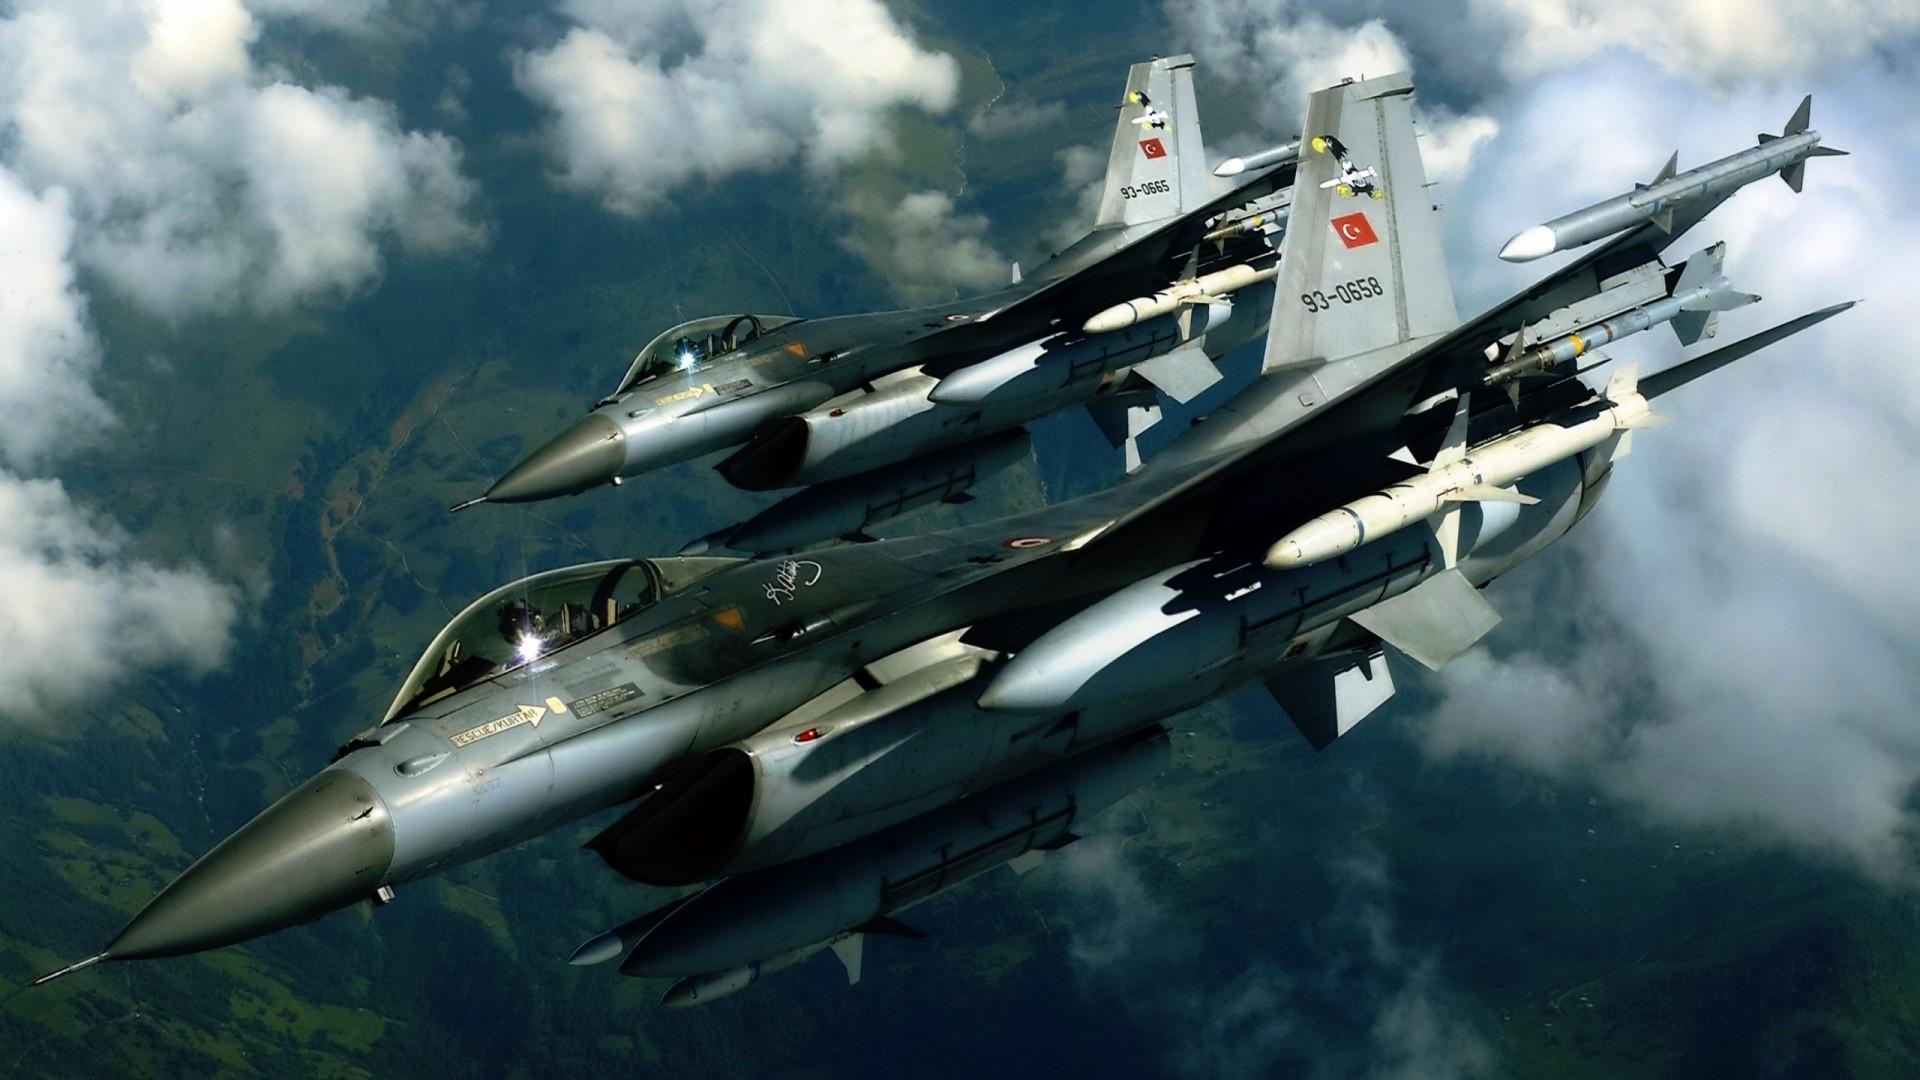 Και οι Τούρκοι τον «χαβά» τους: Τέσσερις παραβιάσεις στο Αιγαίο